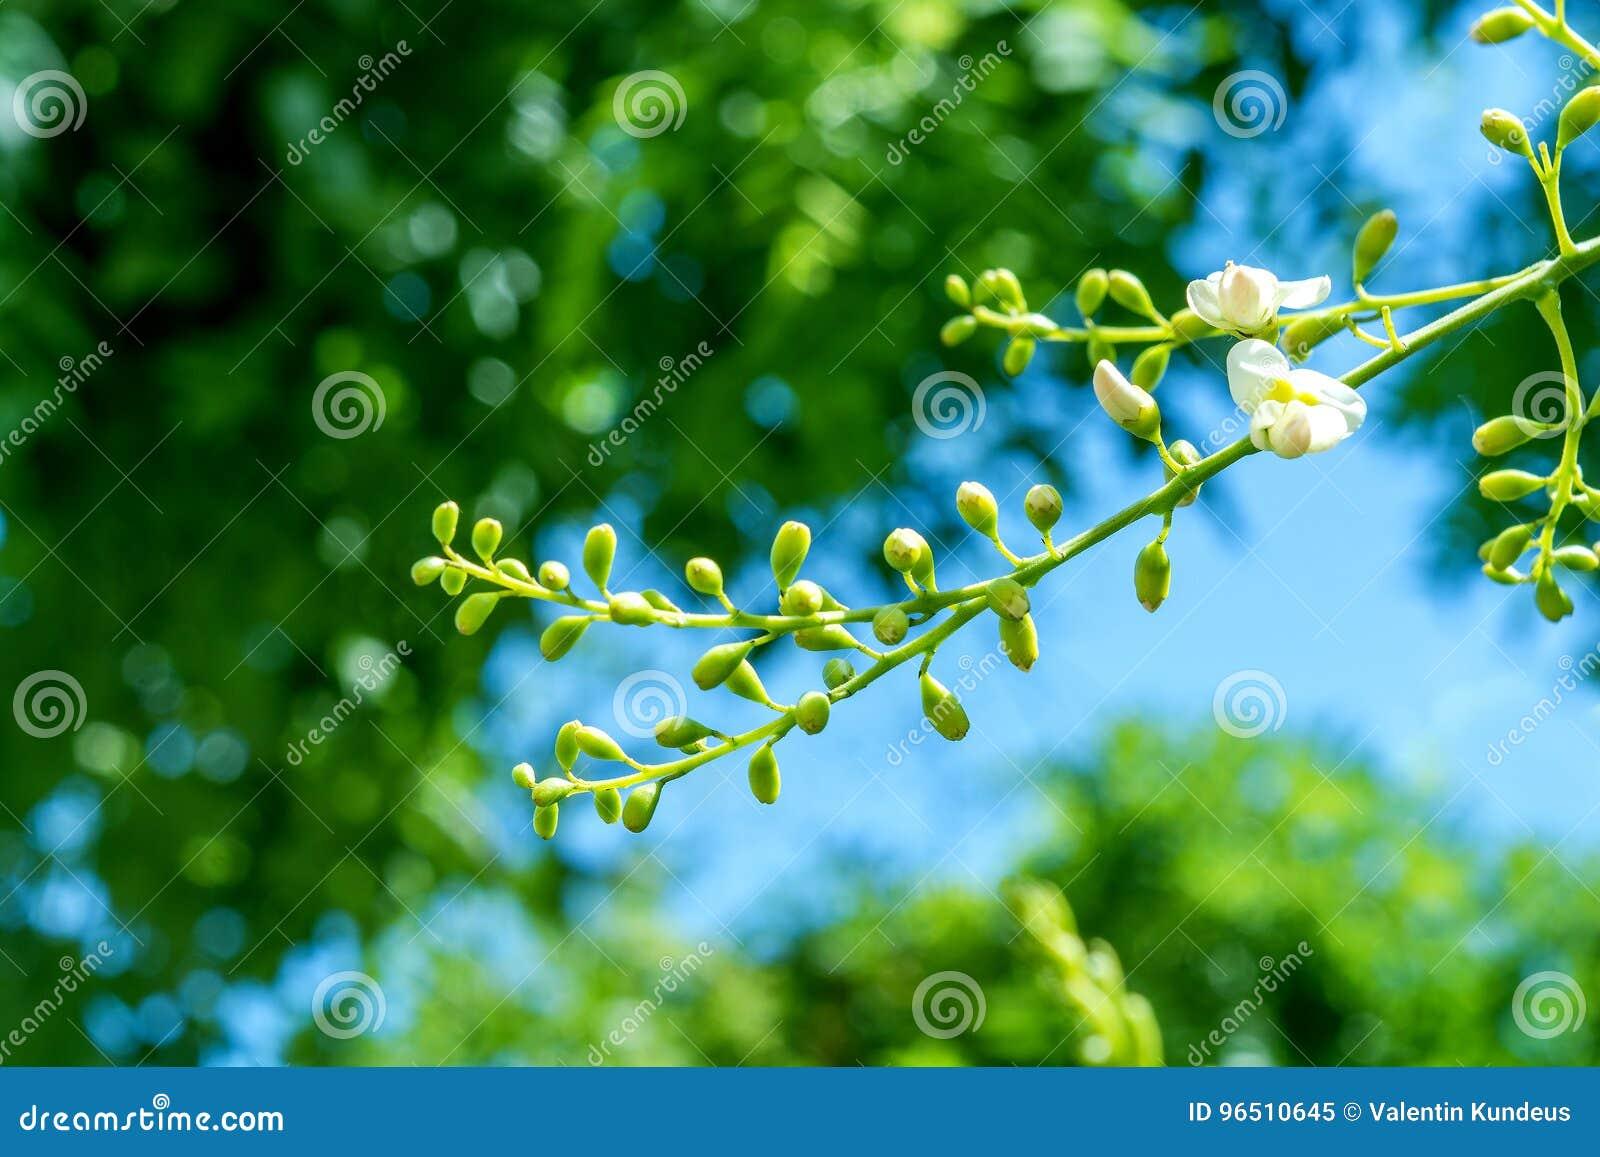 arbre de cognassier du japon de sophora lames d'arbre acacia fleurs